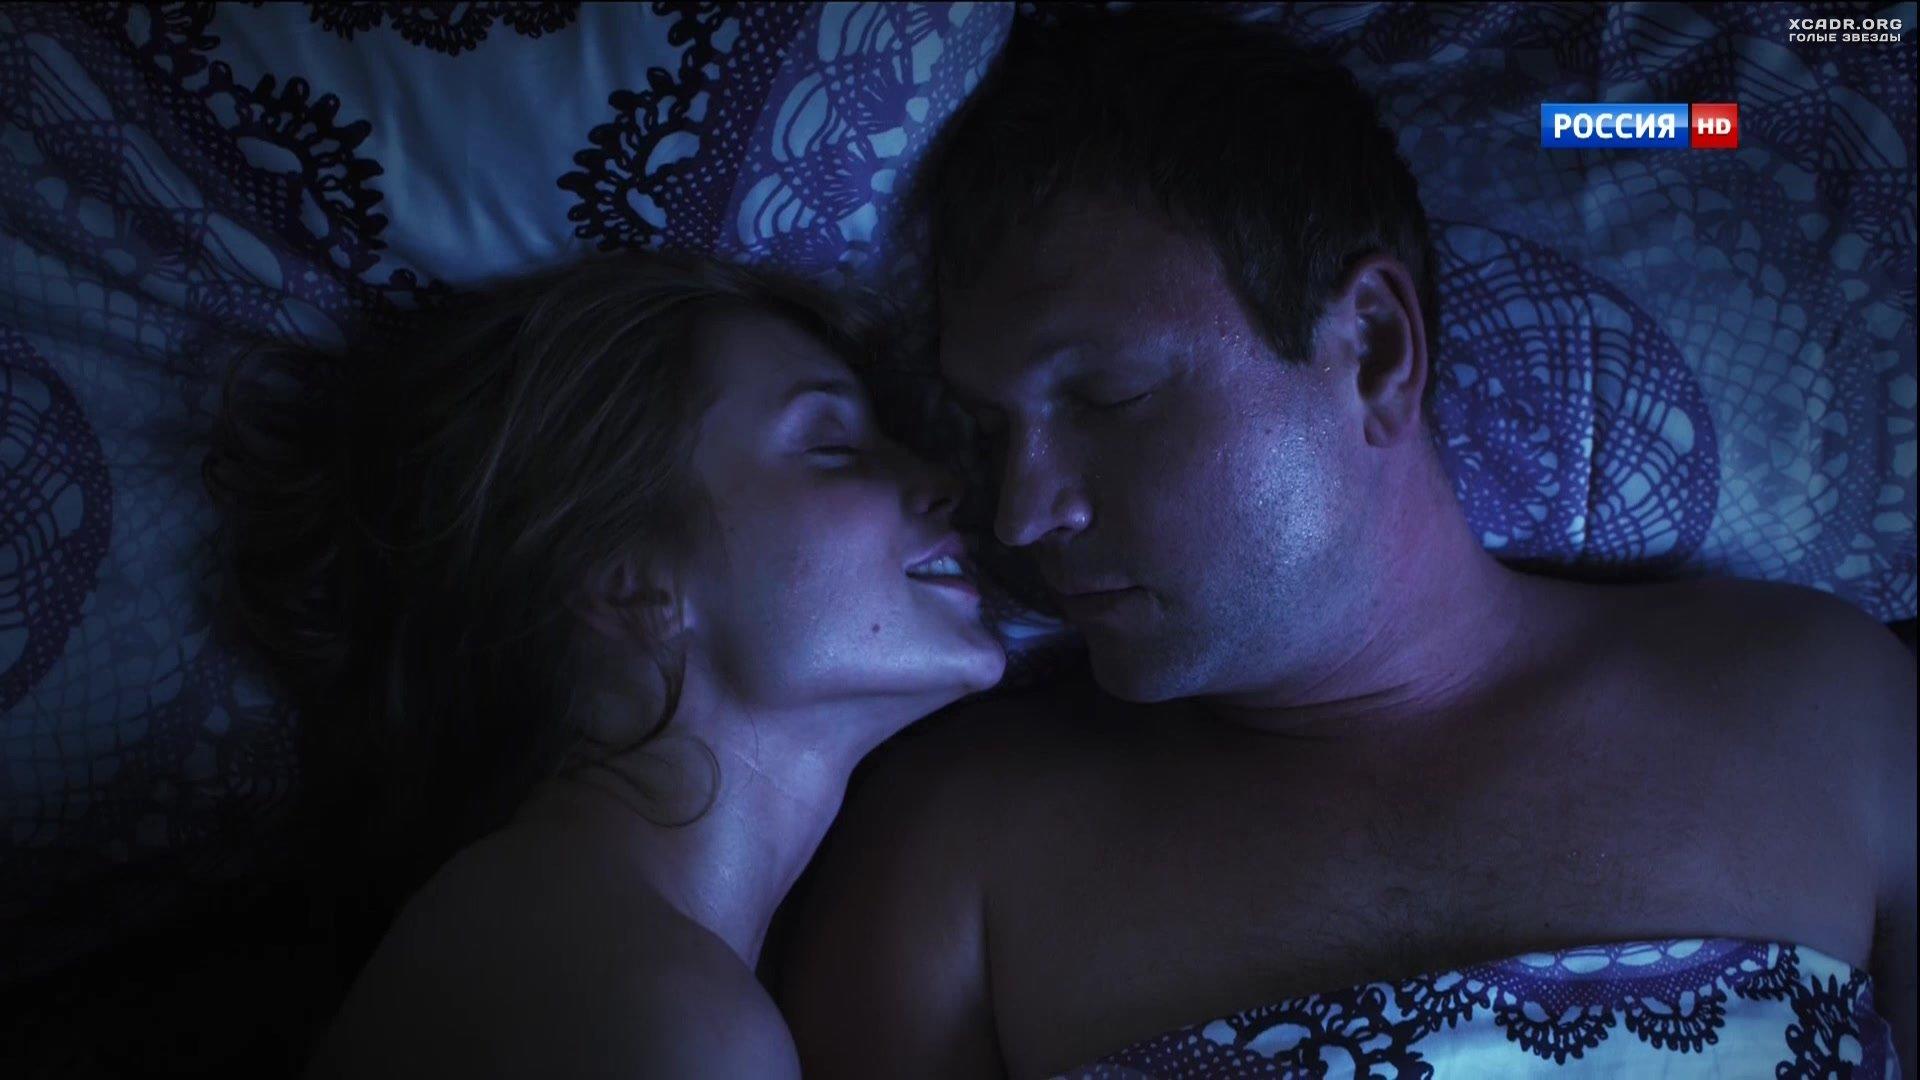 член стоял, секс сцены с российскими звездами онлайн красными